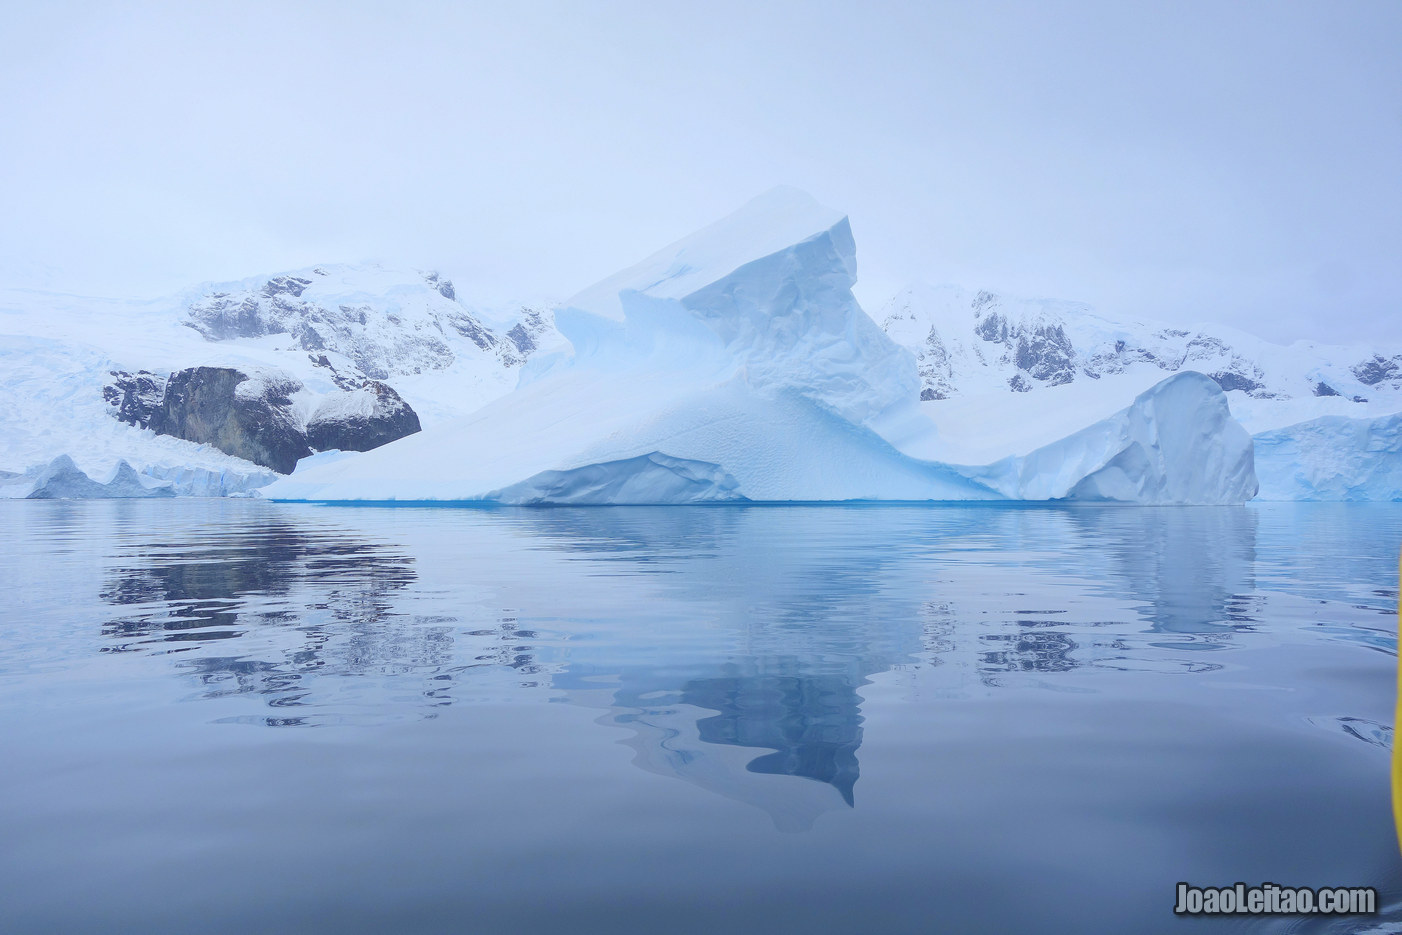 Visitar a Antártida - 17 Locais maravilhosos a não perder 11